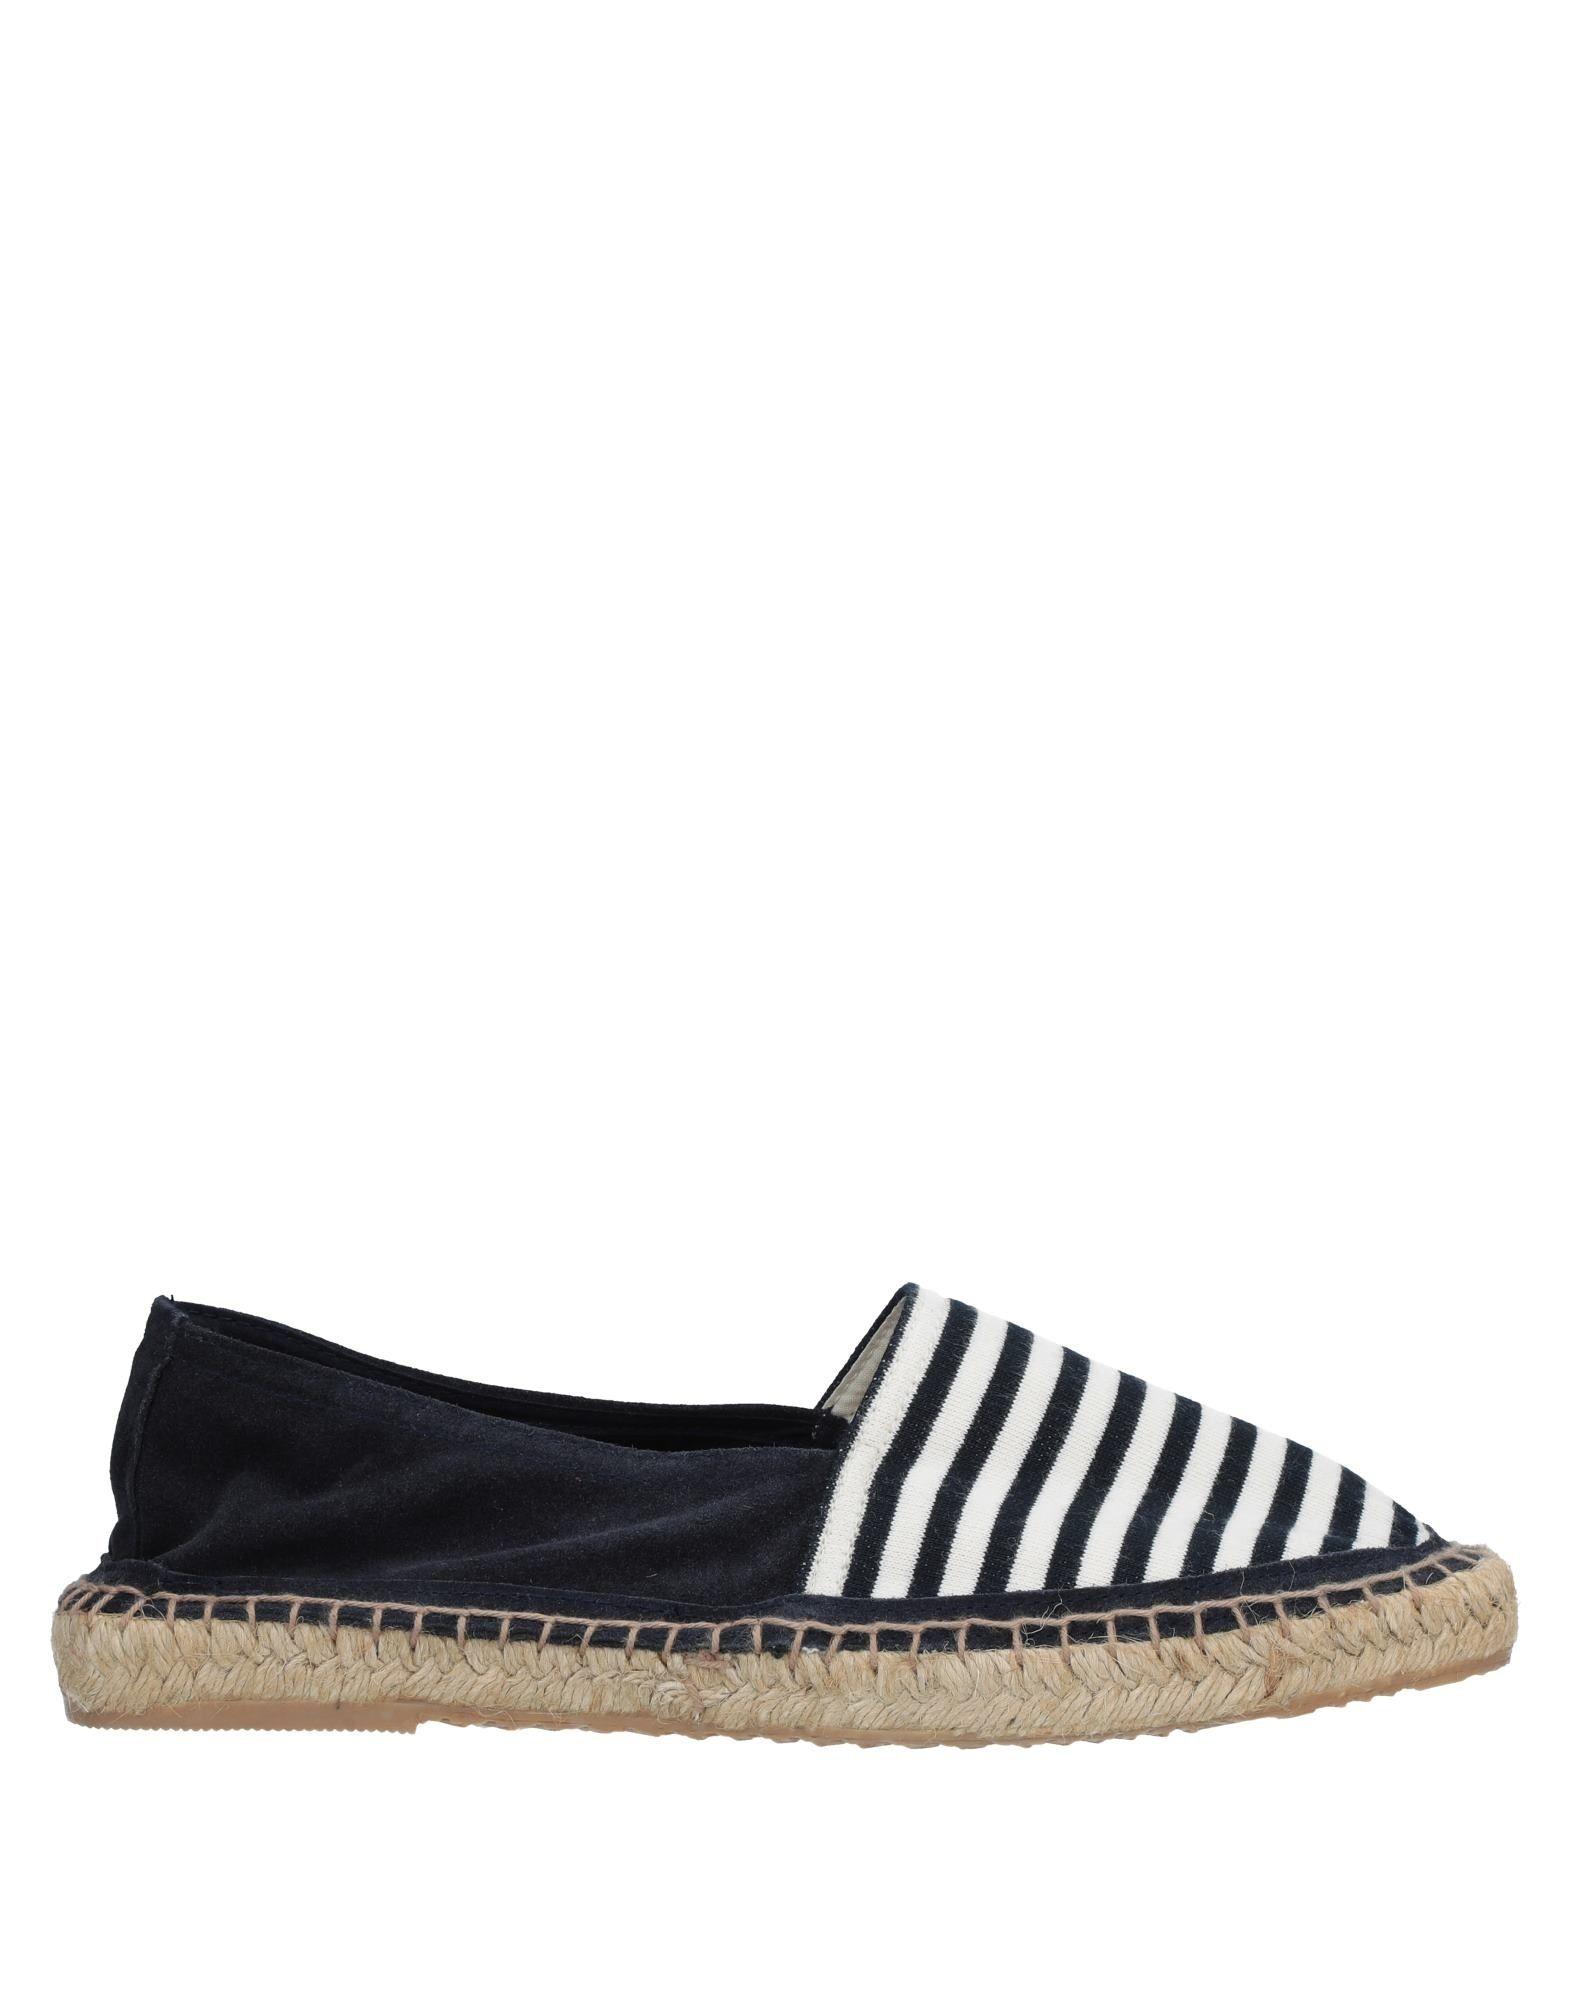 Daniele 11101552AK Alessandrini Espadrilles Herren  11101552AK Daniele Gute Qualität beliebte Schuhe 44ef04